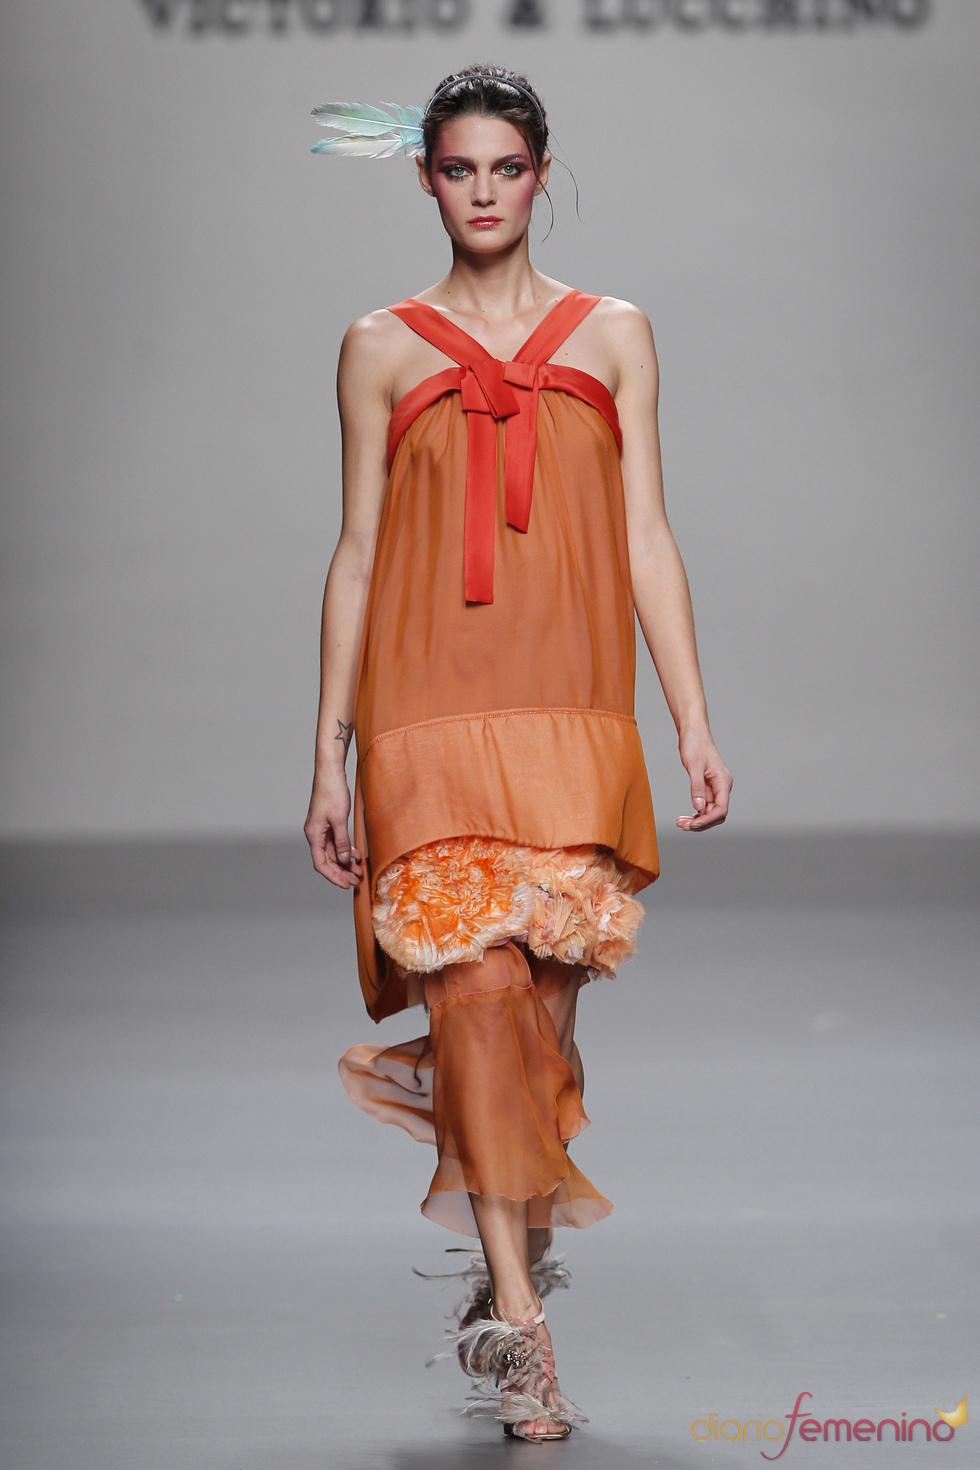 Vestido sugerente de Victorio & Lucchino para la primavera de 2011